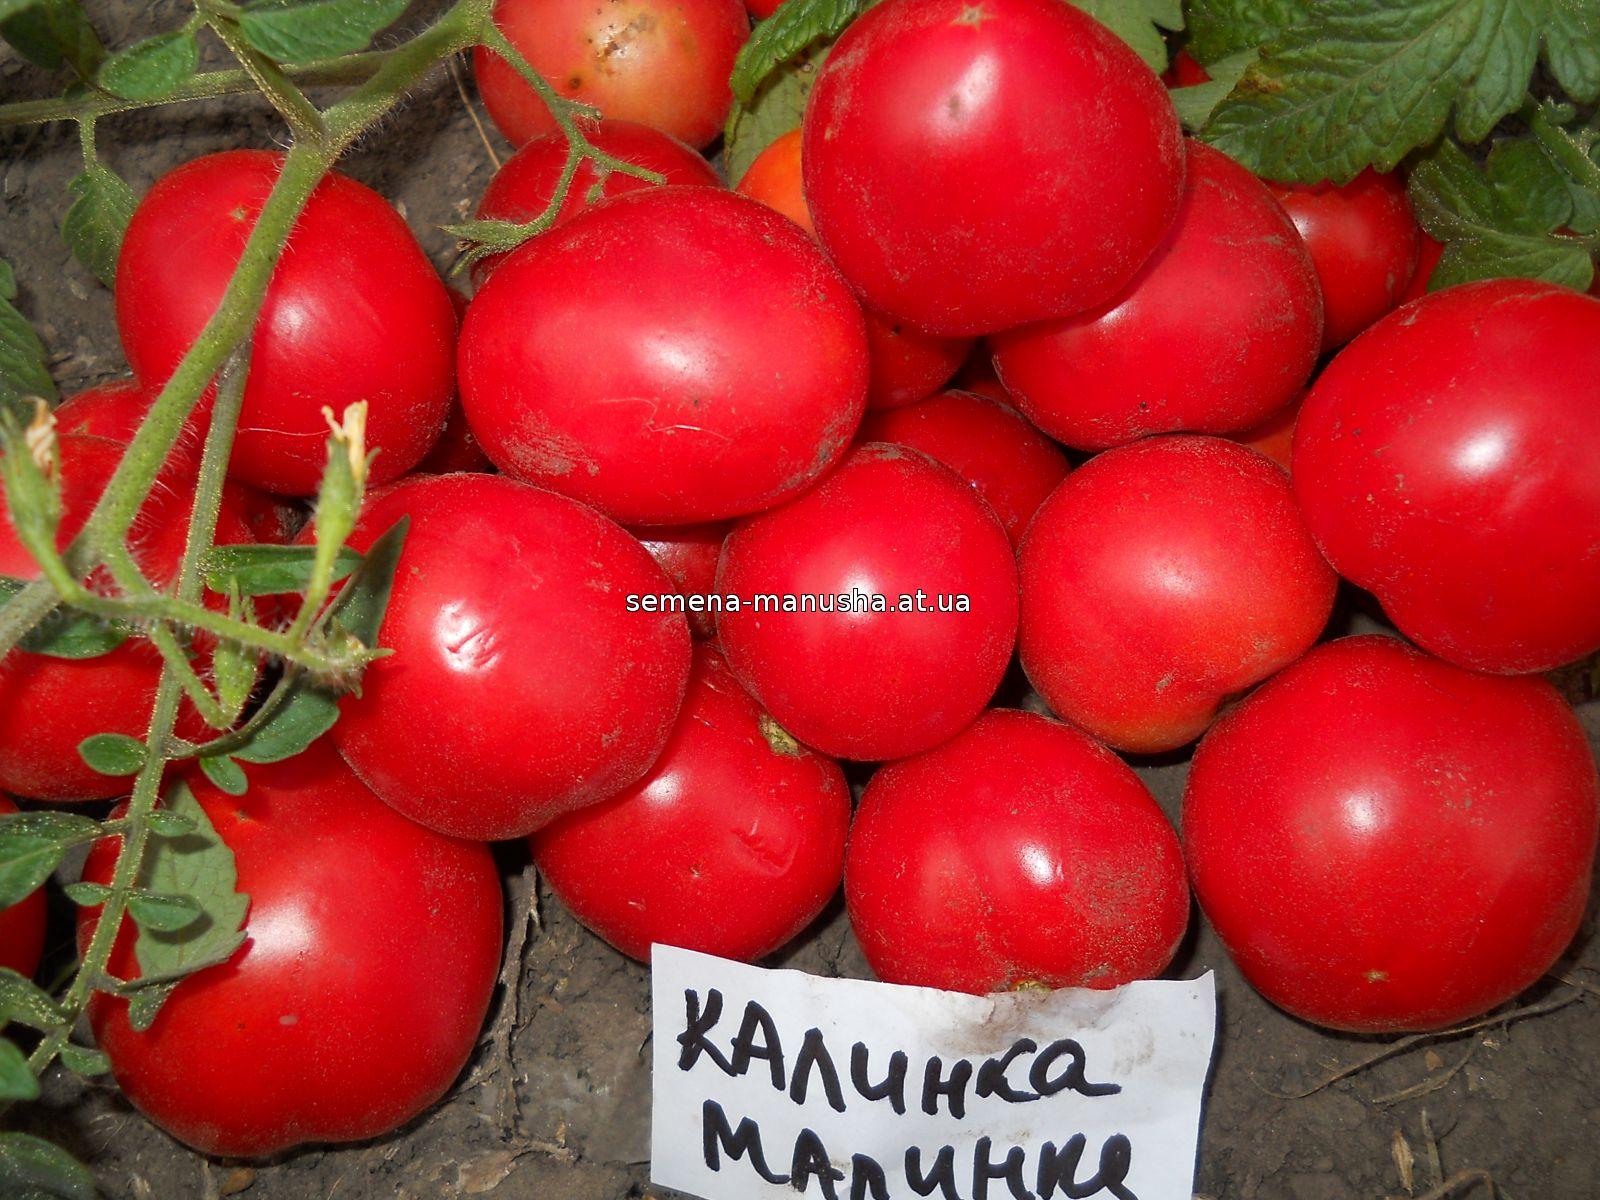 Томат малинка стар f1: описание сорта, отзывы, фото, урожайность